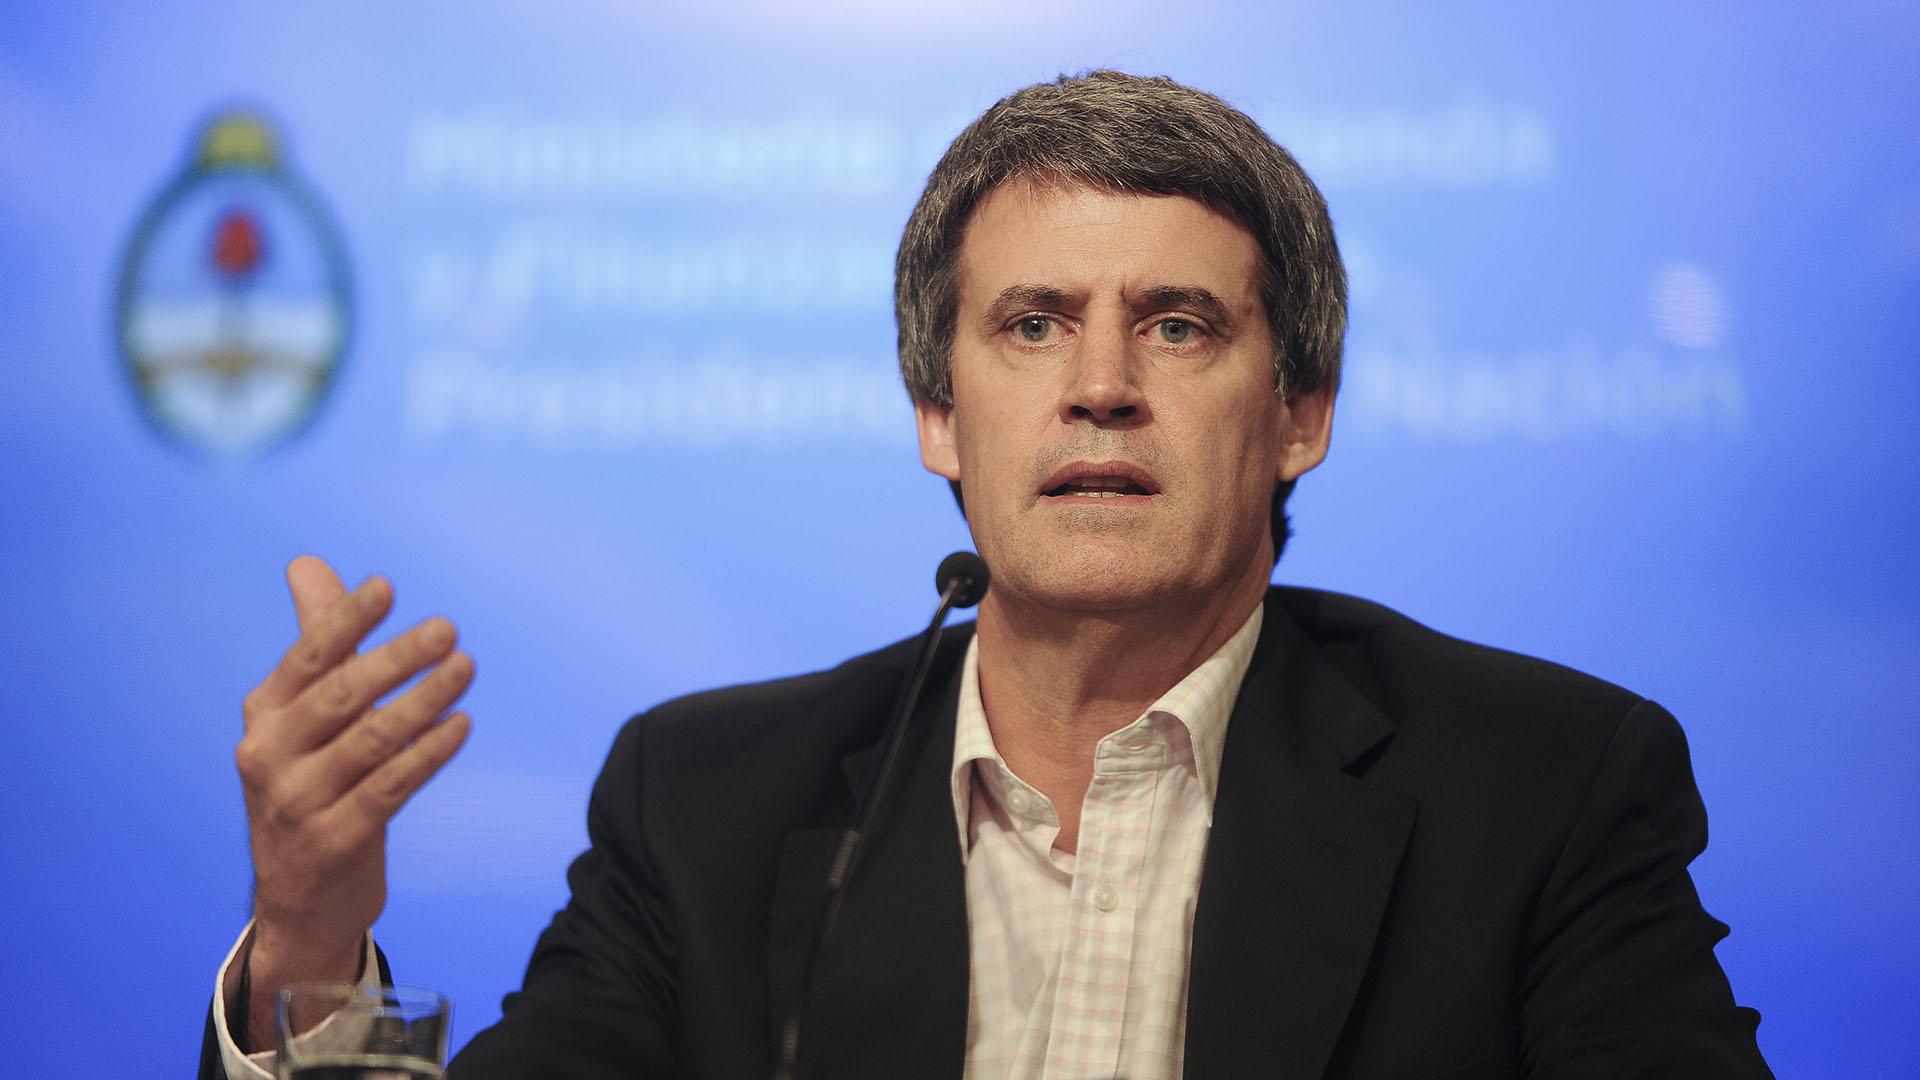 El ex ministro de Hacienda y Finanzas es uno de los nombres que suena como candidato a gobernador de Tucumán